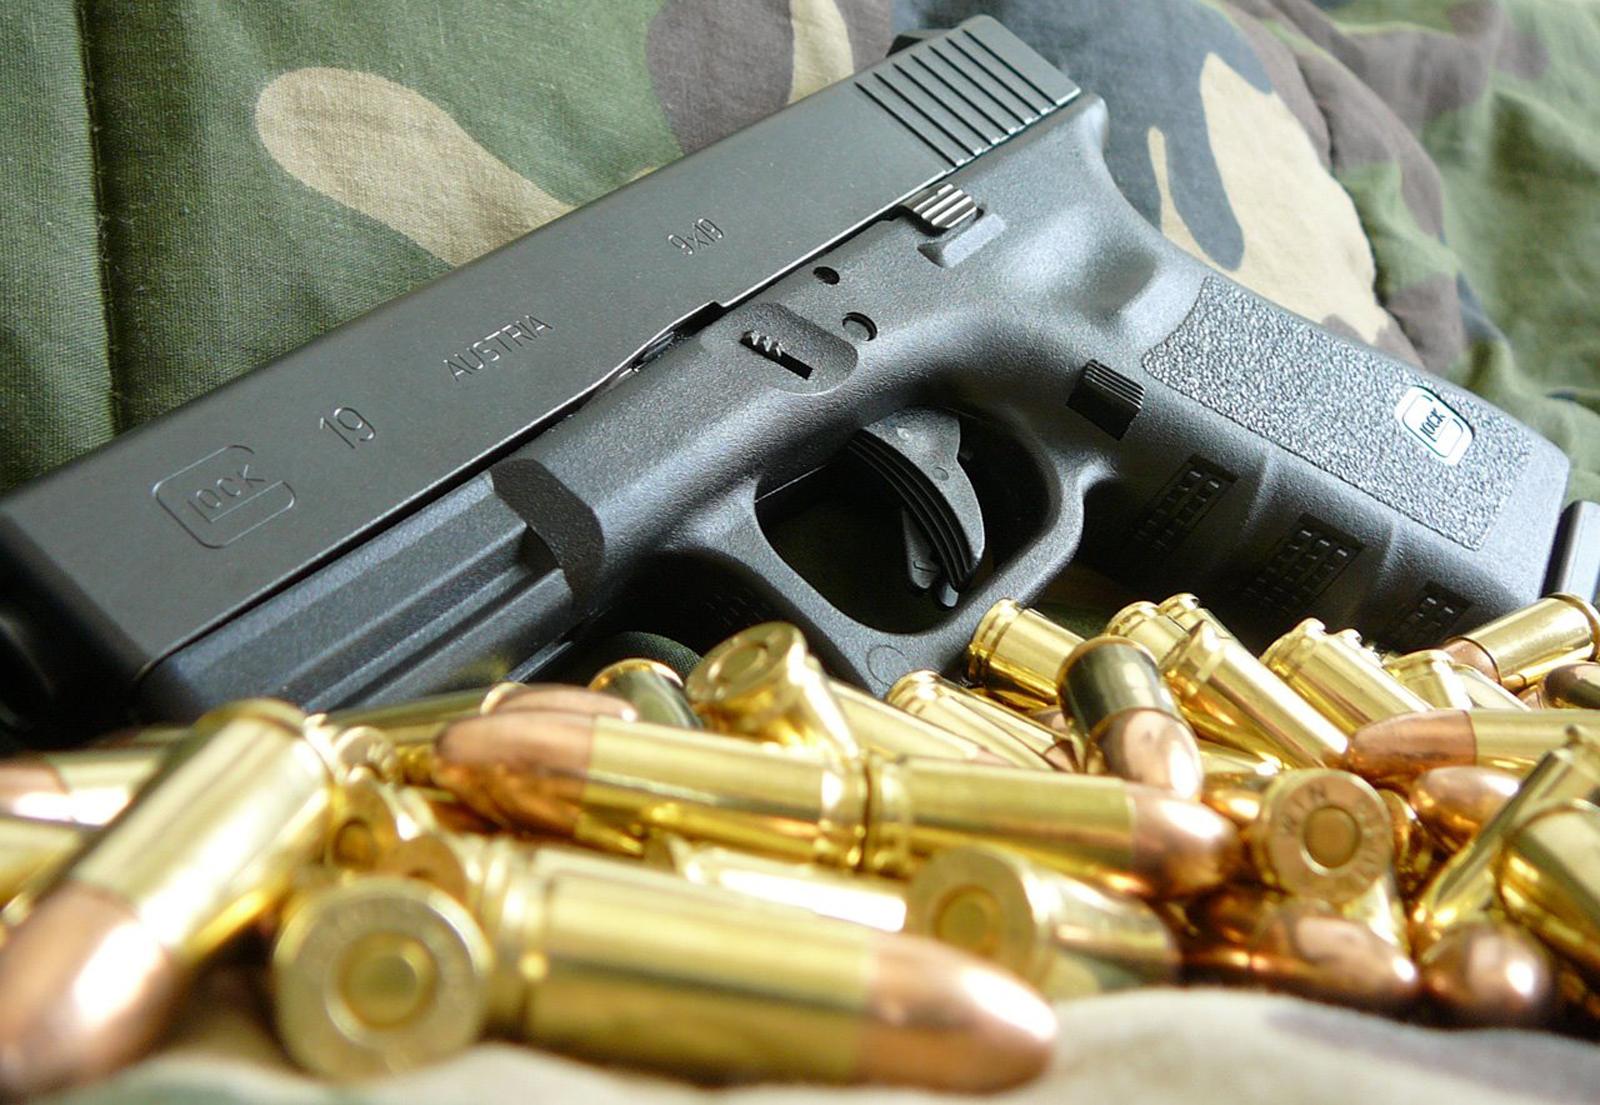 Guns Wallpaper Hd: Glock-19 HD Gun Wallpapers